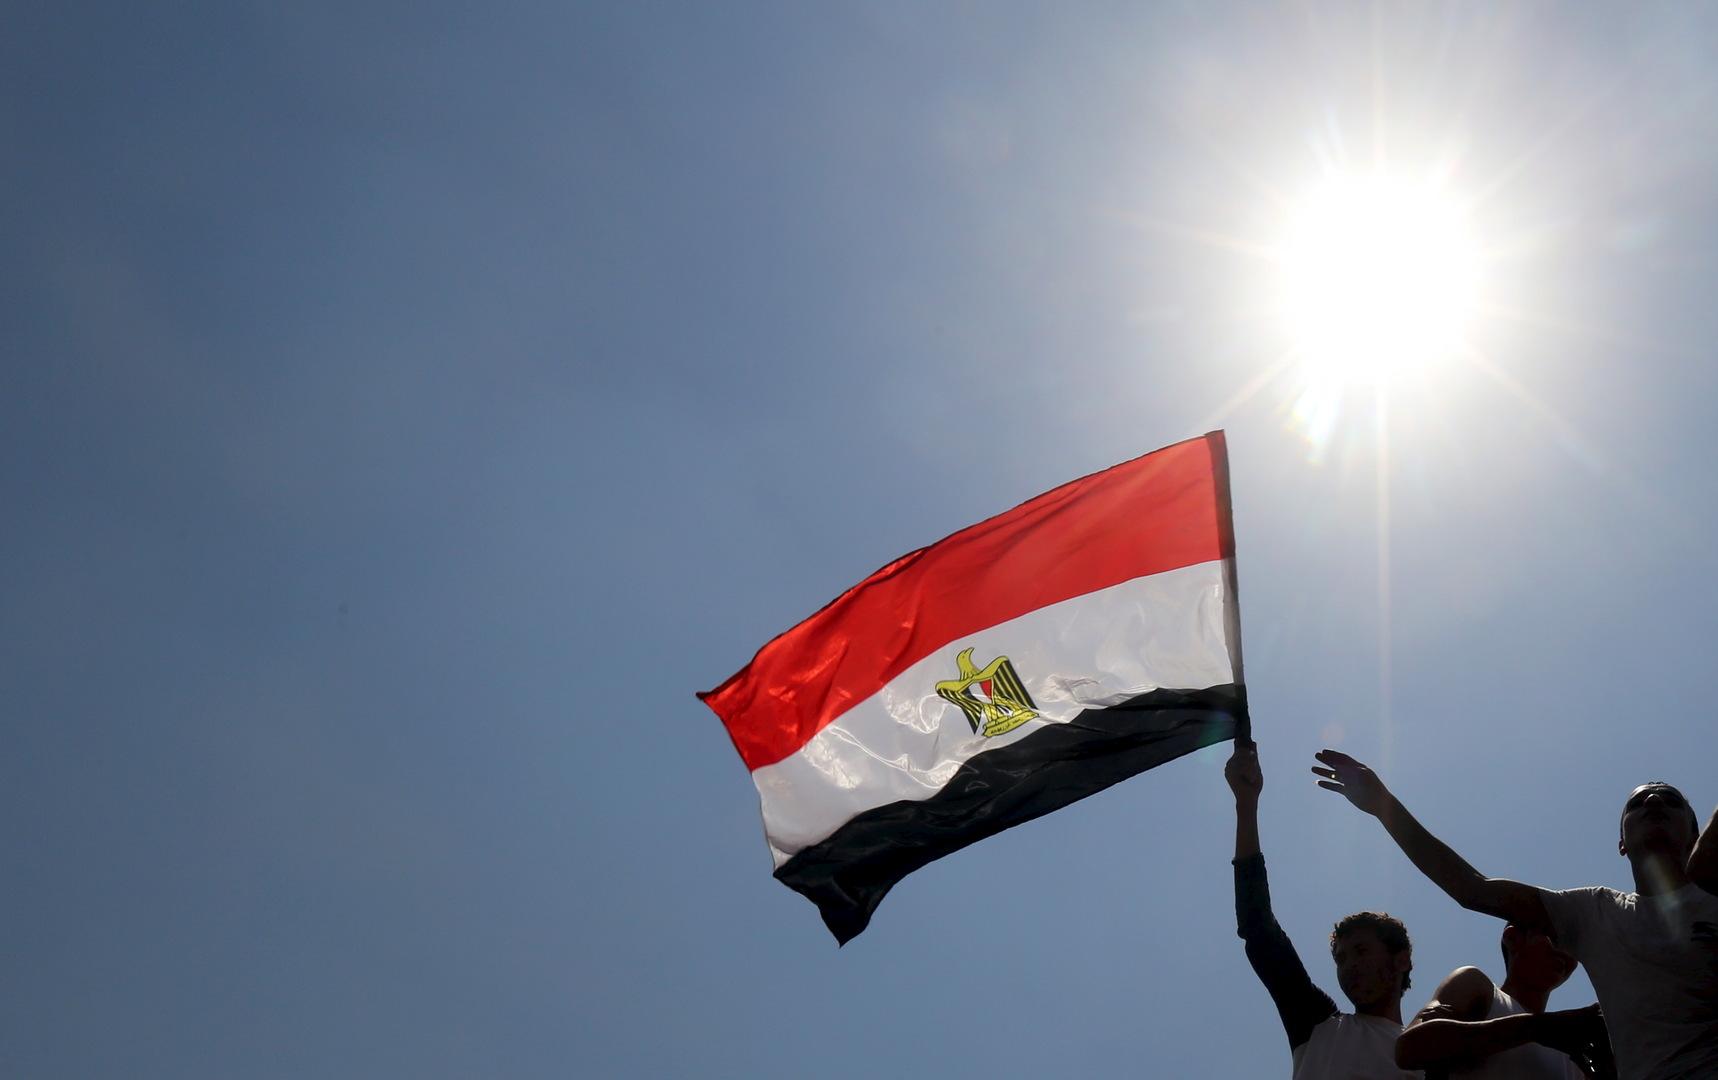 مصر تعلن إنتاج 200 ألف جرعة دواء يستخدم في علاج فيروس كورونا